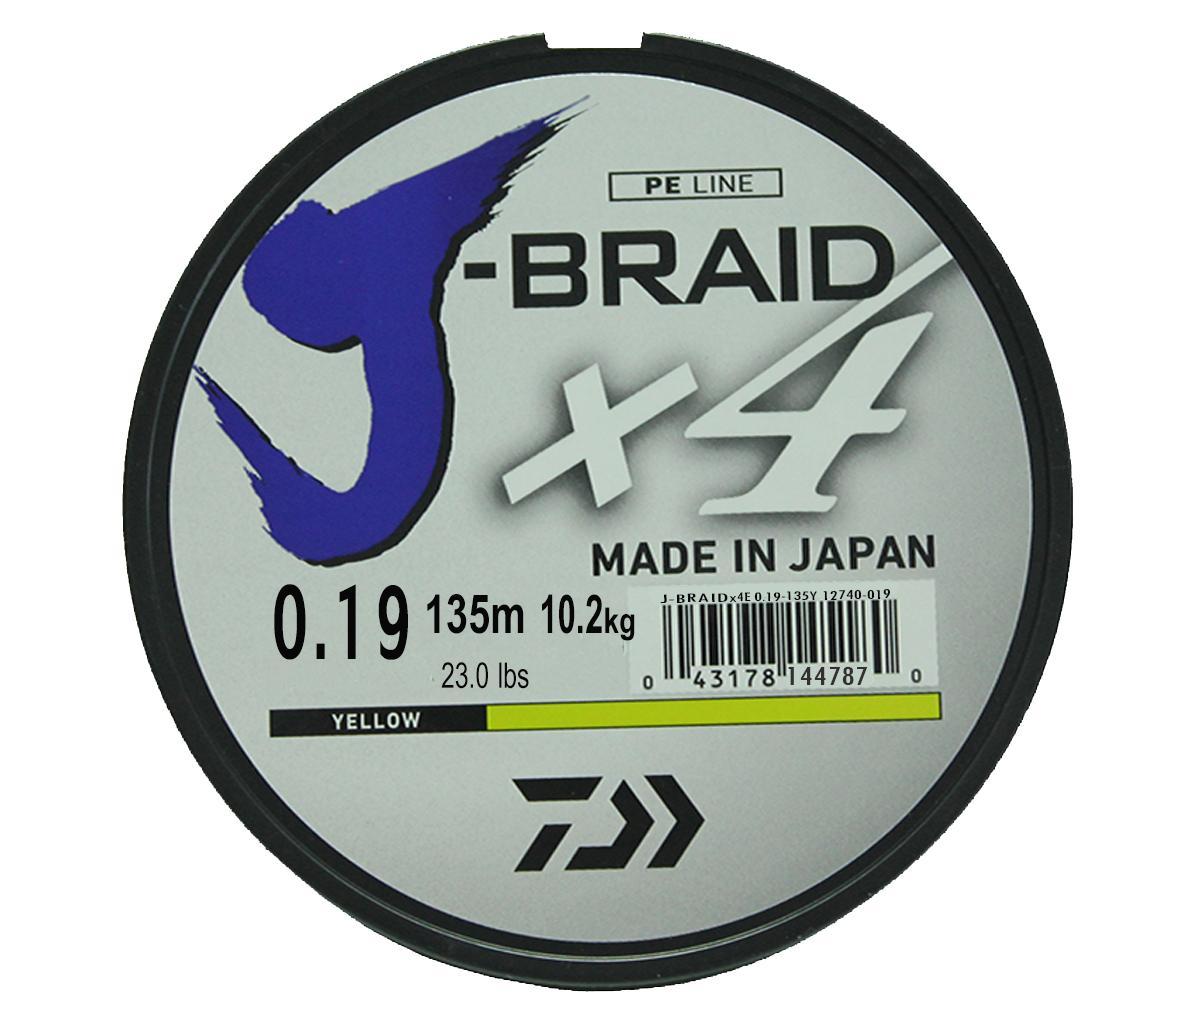 Леска плетеная DAIWA J-Braid X4 0,19мм 135 (флуор.-желтая)Леска плетеная<br>Новый 4х жильный шнур J-Braid, DAIWA - шнур высокого <br>класса с удивительным соотношением цены <br>и качества. Качество плетения полностью <br>соответствует японским стандартам и удовлетворяет <br>всем требованиям. Представленные диаметры <br>позволяют использовать шнур для всех техник <br>ловли, начиная от ultra- light ловли окуня, до <br>морской ловли палтуса, трески и т.д.<br>